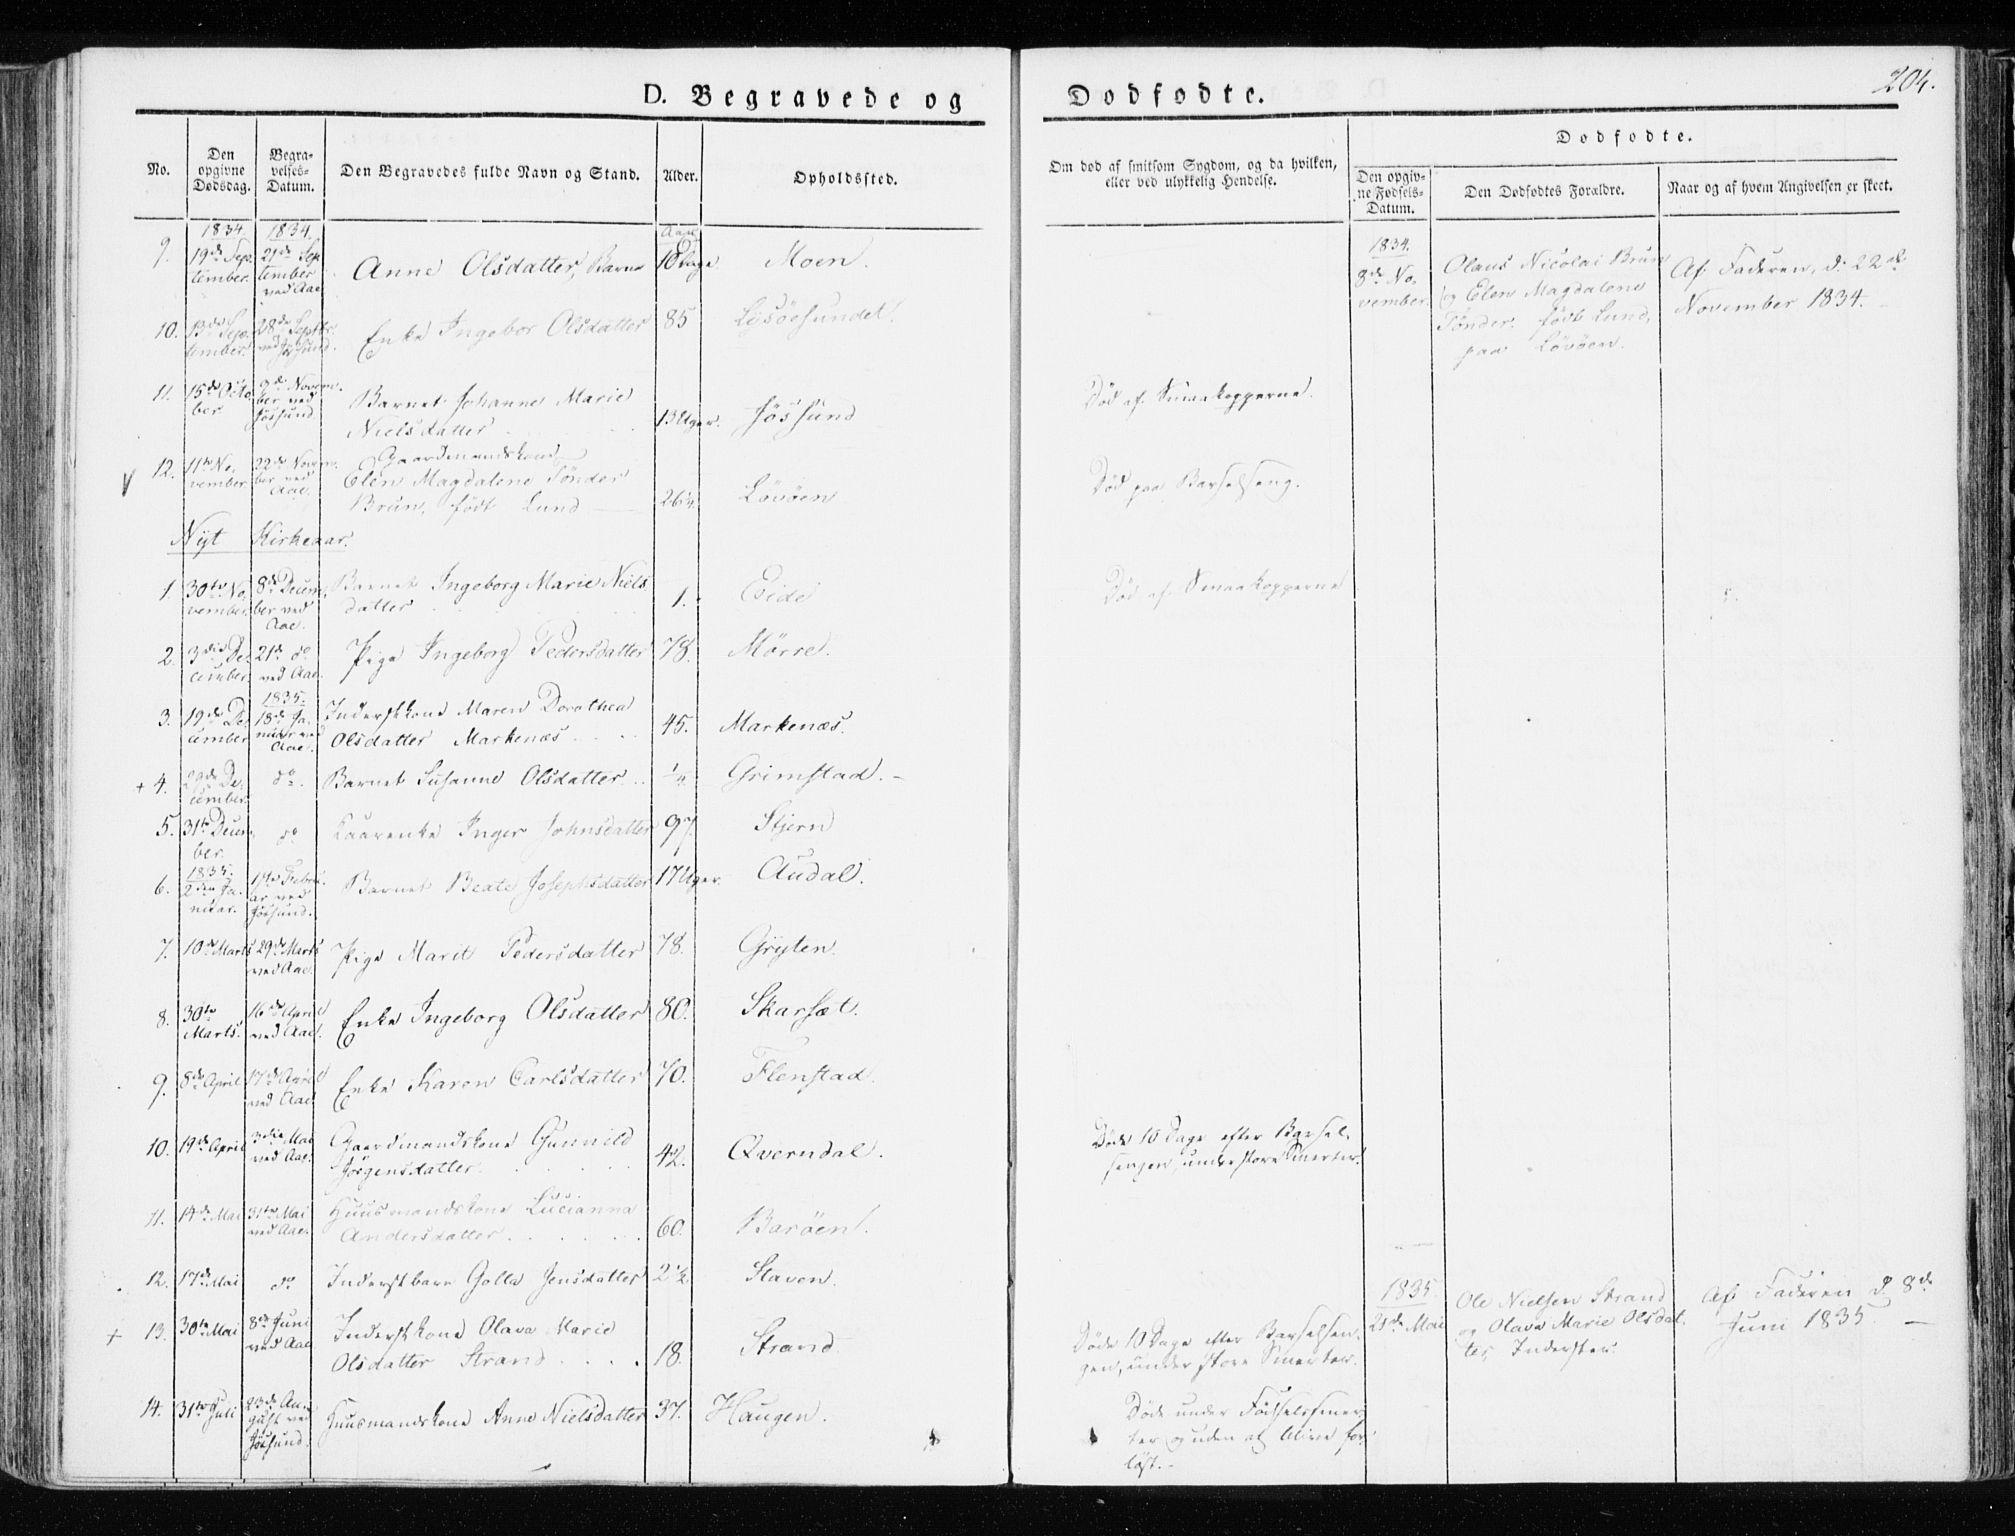 SAT, Ministerialprotokoller, klokkerbøker og fødselsregistre - Sør-Trøndelag, 655/L0676: Ministerialbok nr. 655A05, 1830-1847, s. 204